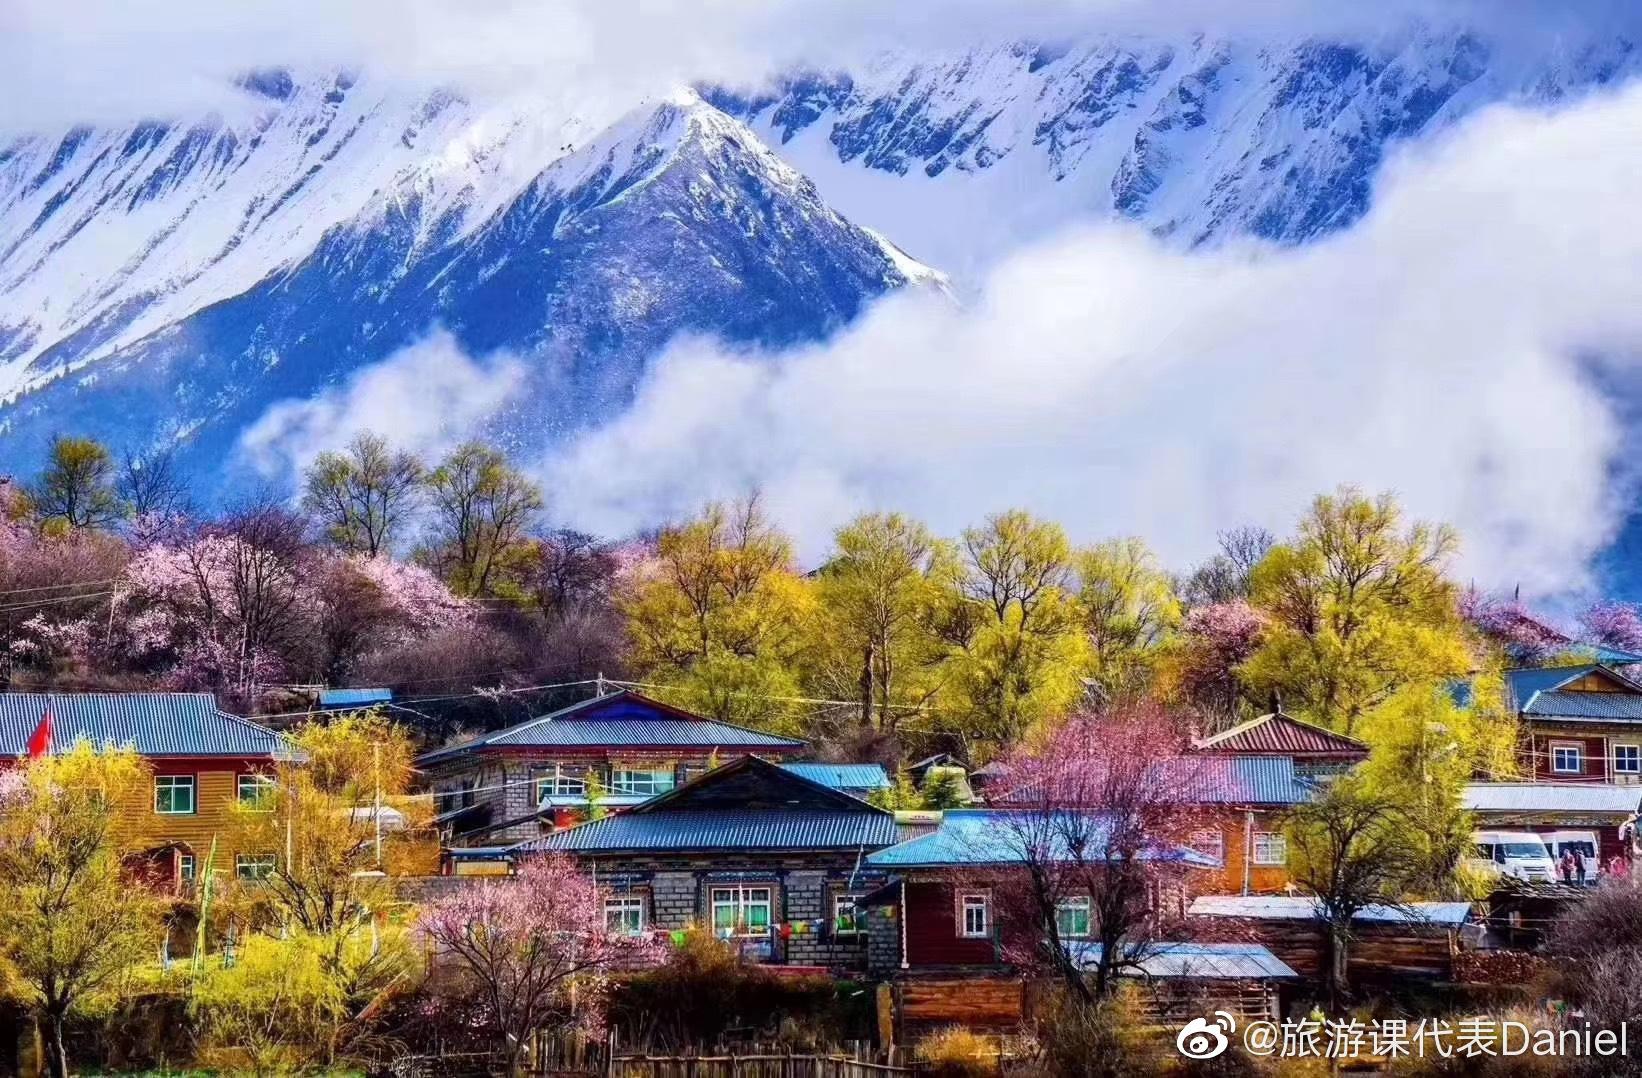 云春游直播2020年4月2日在林芝巴宜区嘎拉村举办林芝第18届桃花旅游文